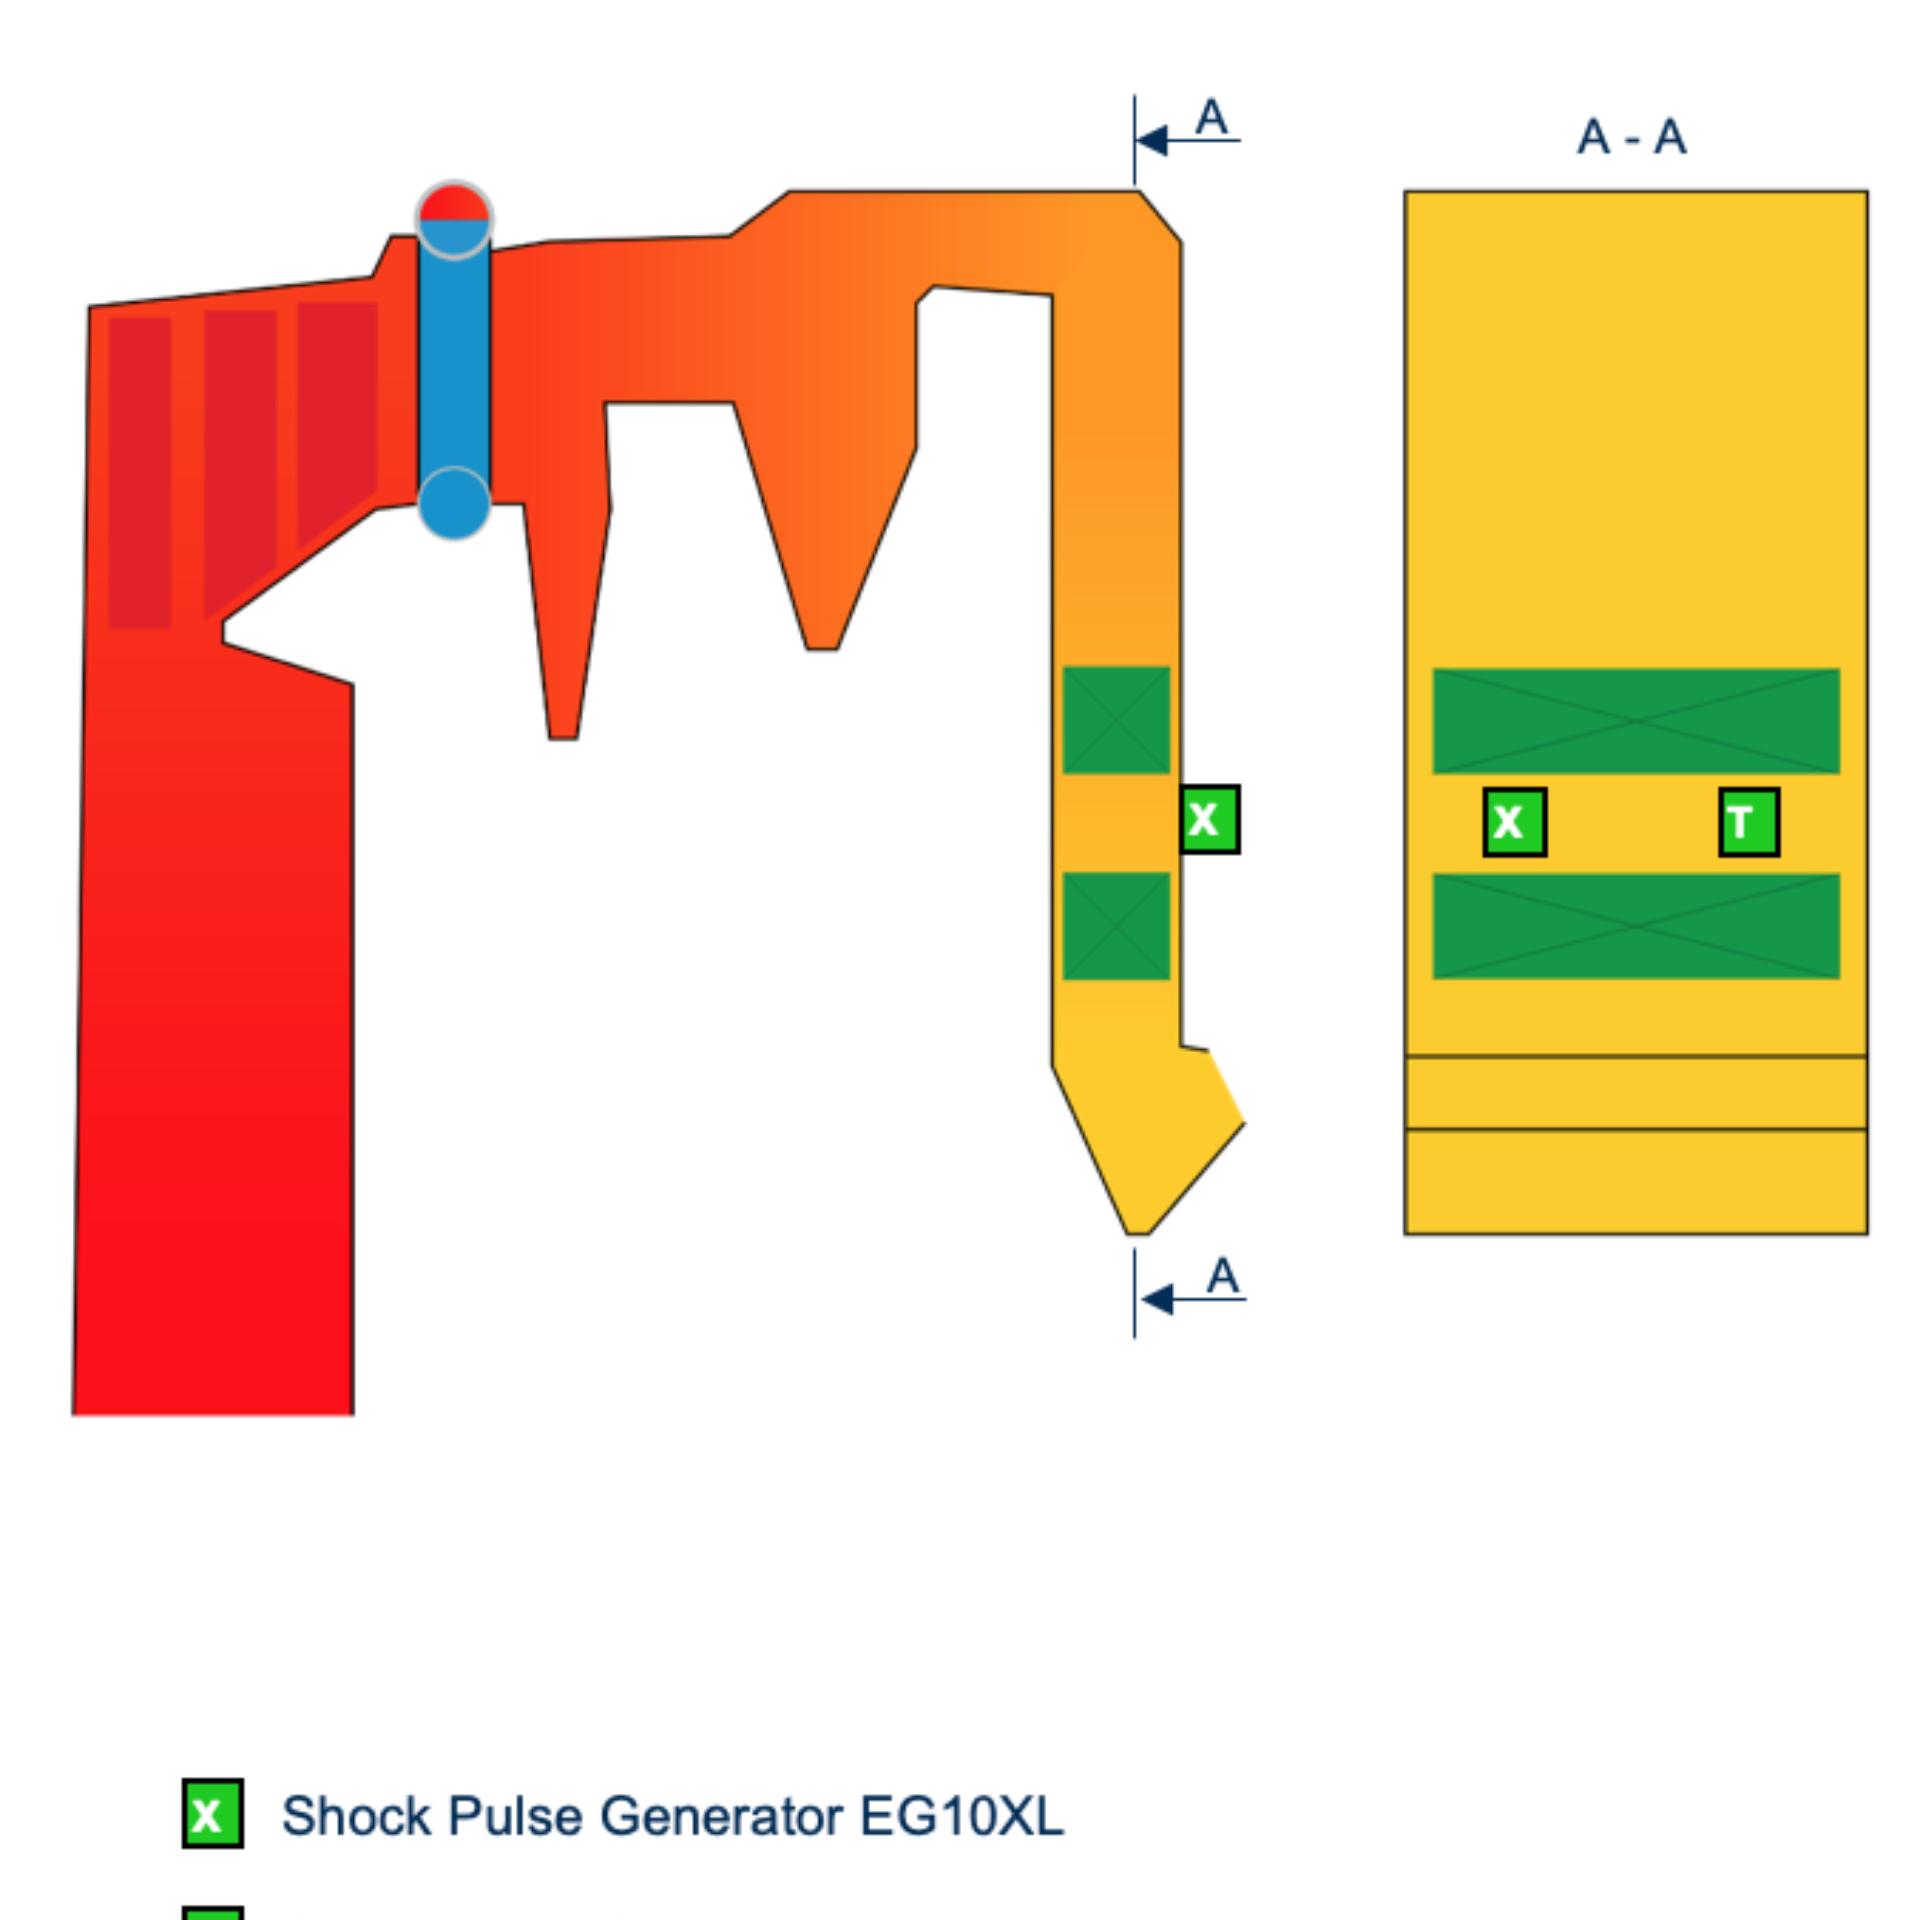 explosion-power-shock-pulse-generator-twin-l-biomasse-kessel